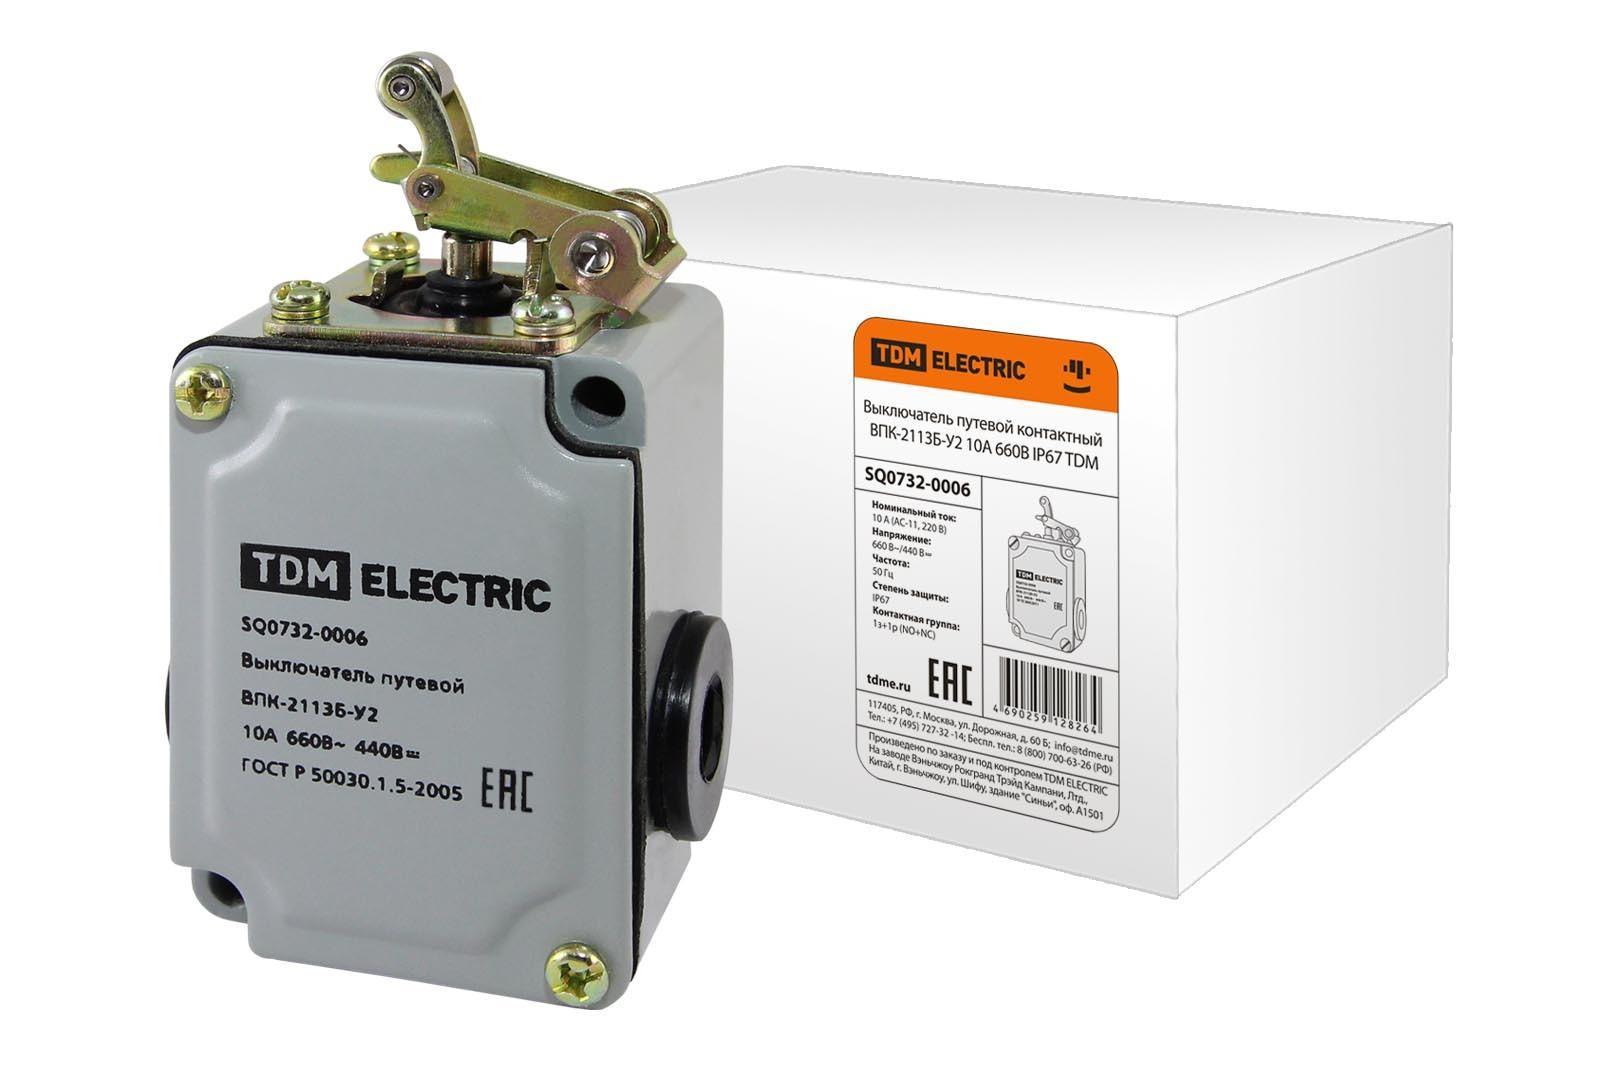 Выключатель путевой контактный ВПК-2113Б-У2 10А 660В IP67 TDM SQ0732-0006